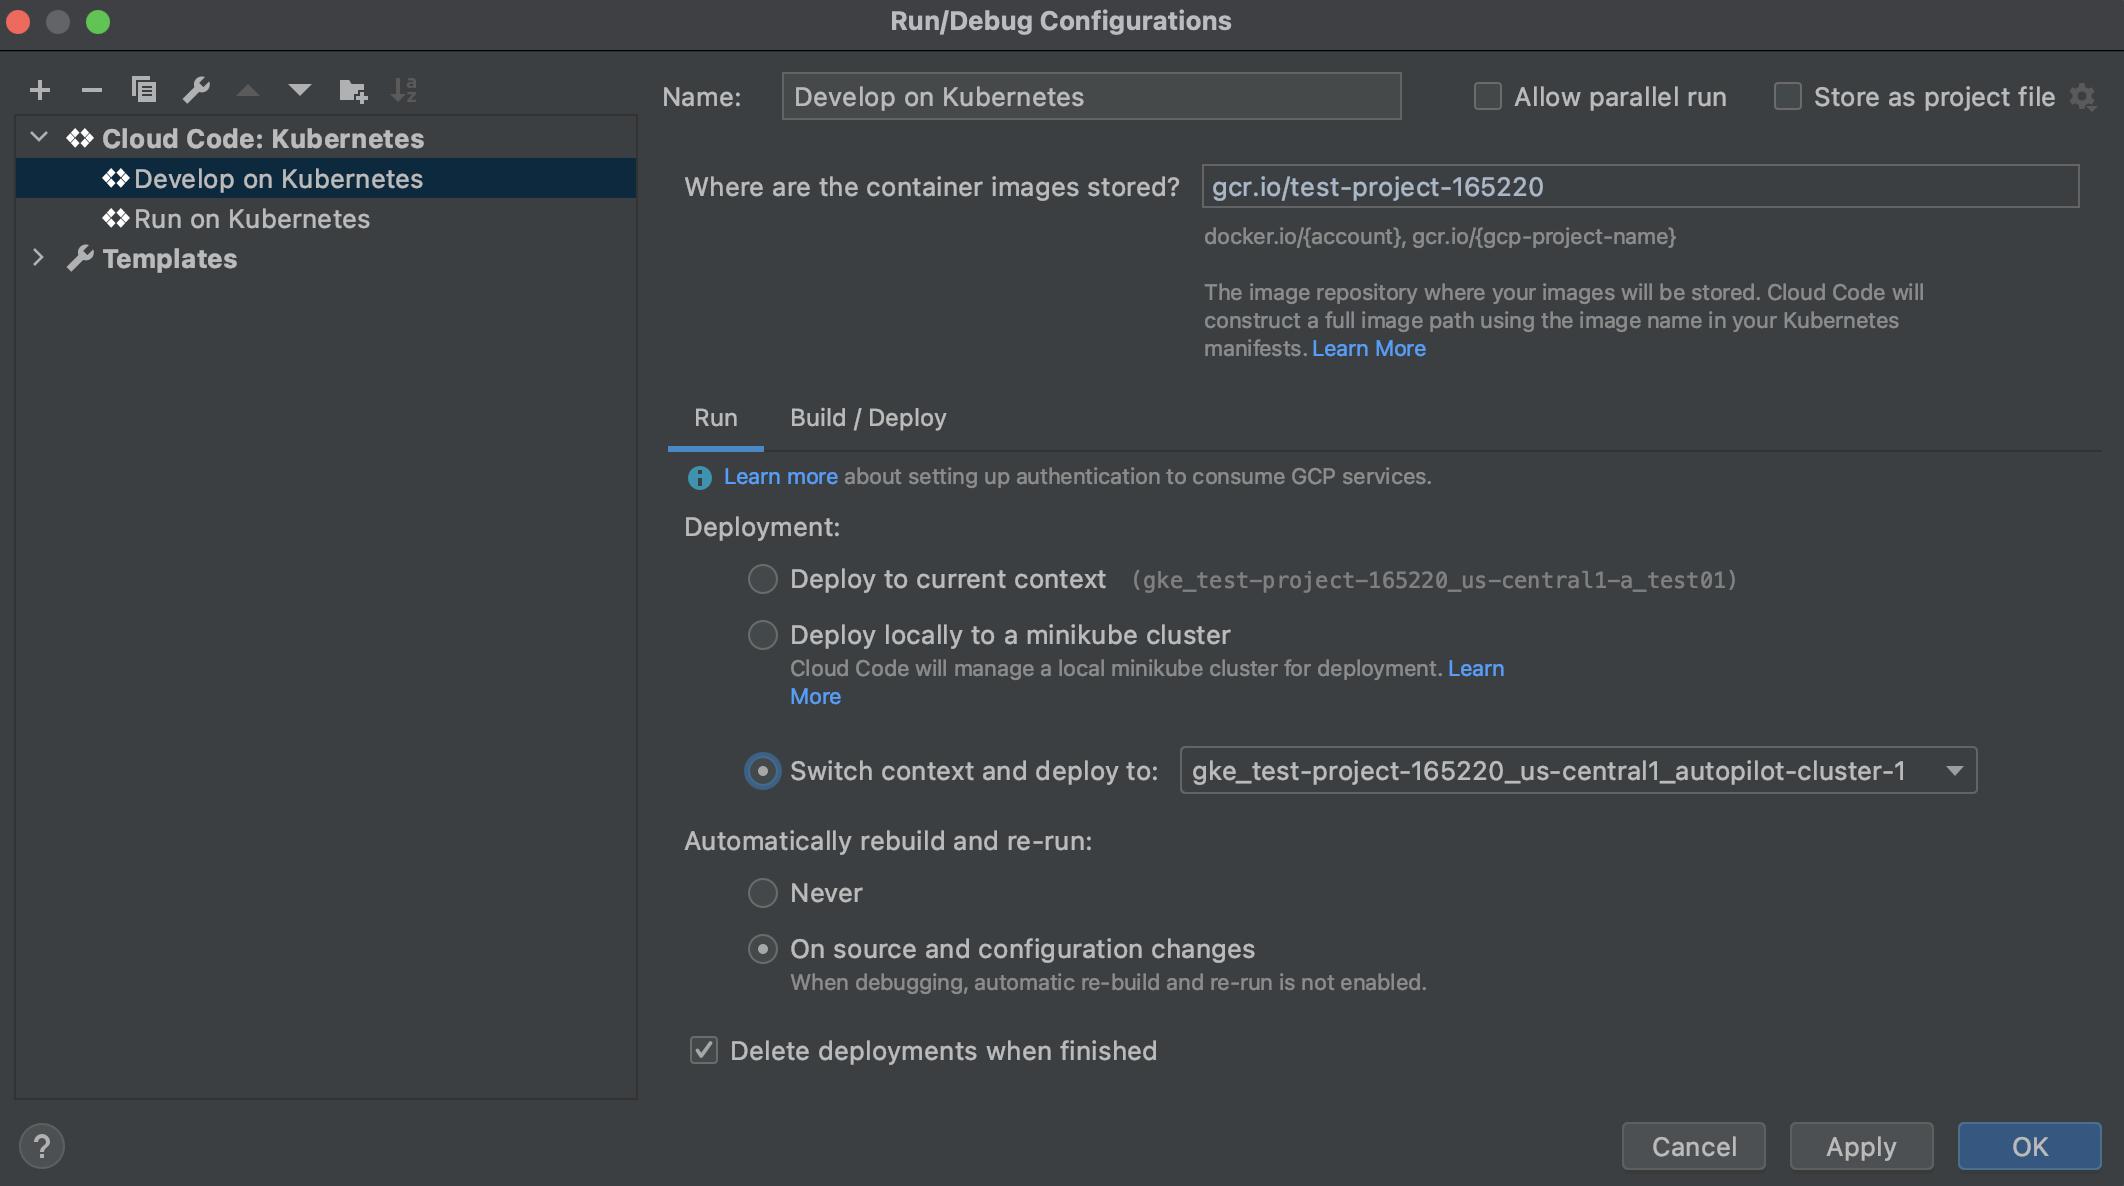 Como selecionar o contexto de implantação do Kubernetes em uma configuração de execução do Cloud Code